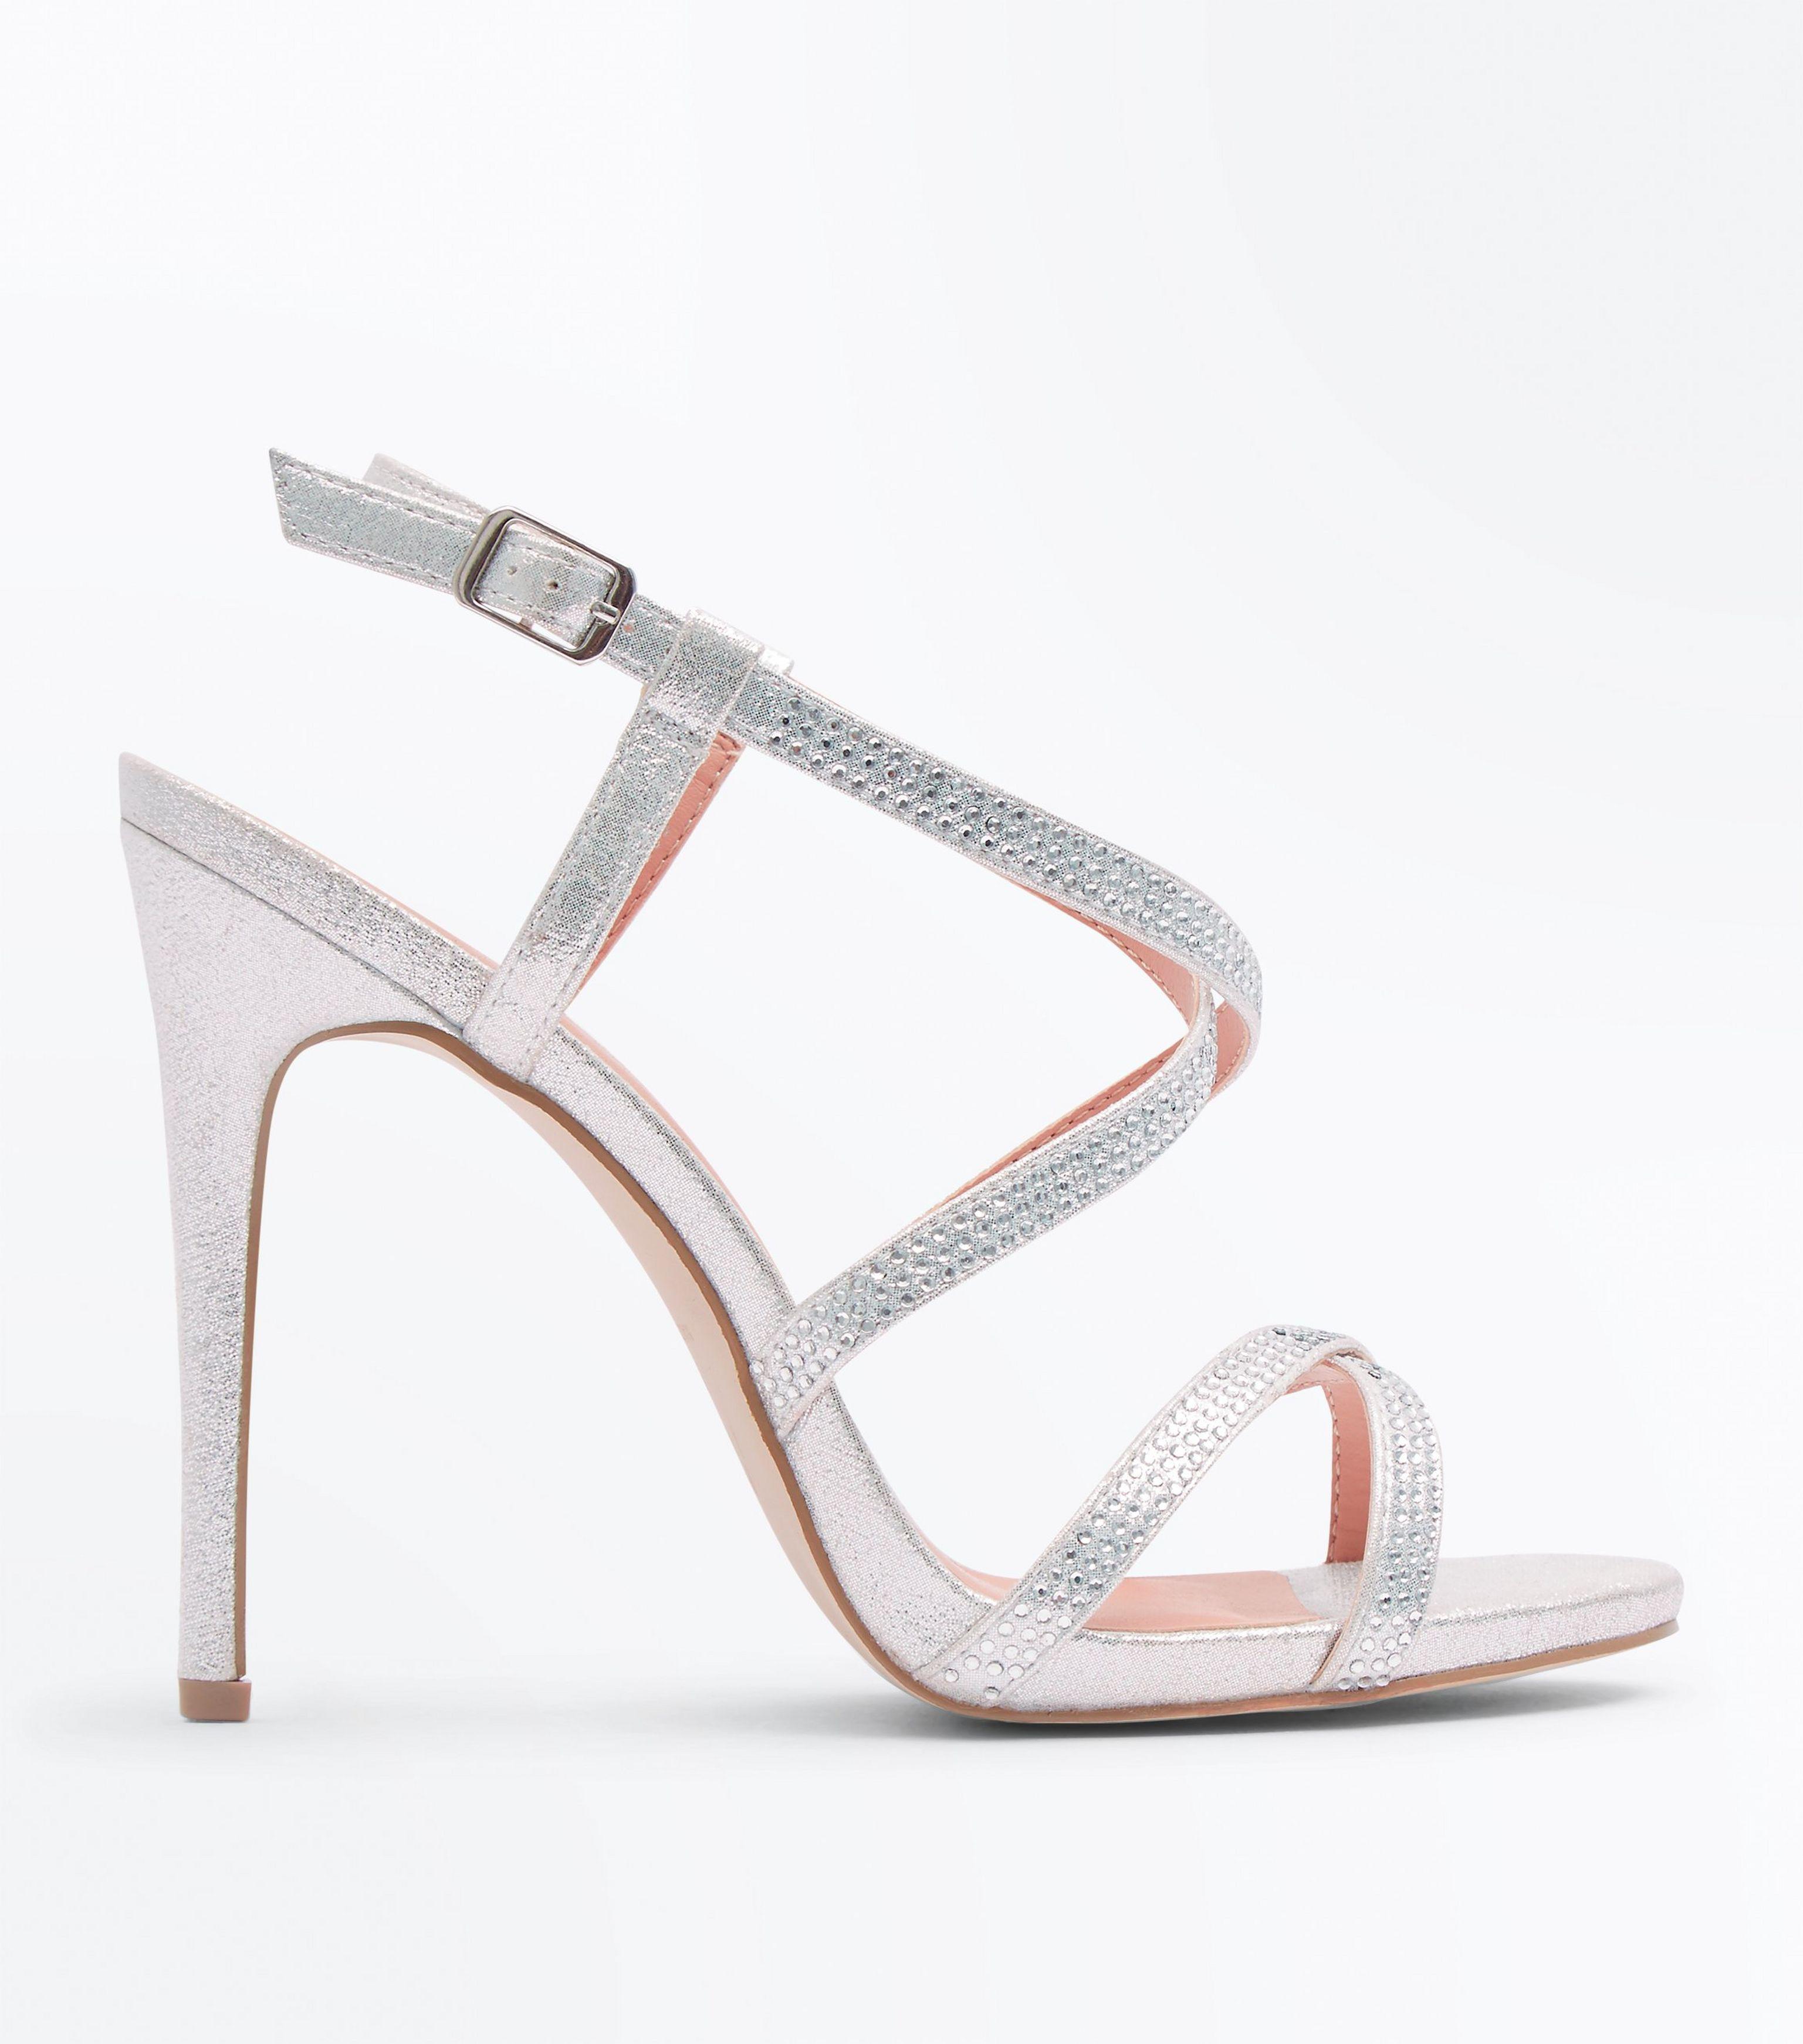 376e3a85b28 New Look Silver Strappy Diamante Stiletto Sandals in Metallic - Lyst